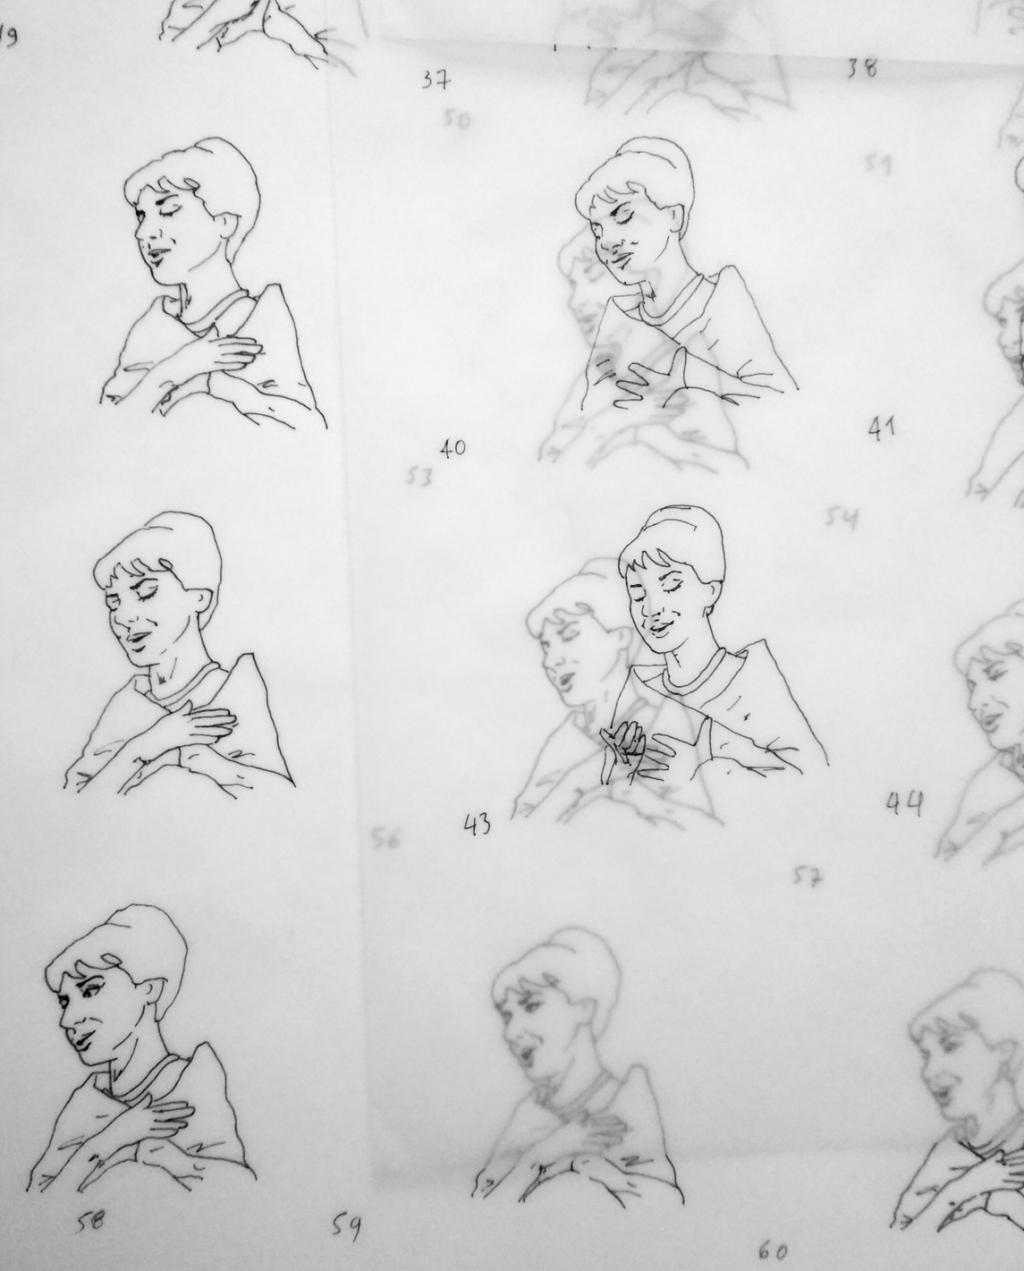 kokkosi fagottobooks: playful notebooks